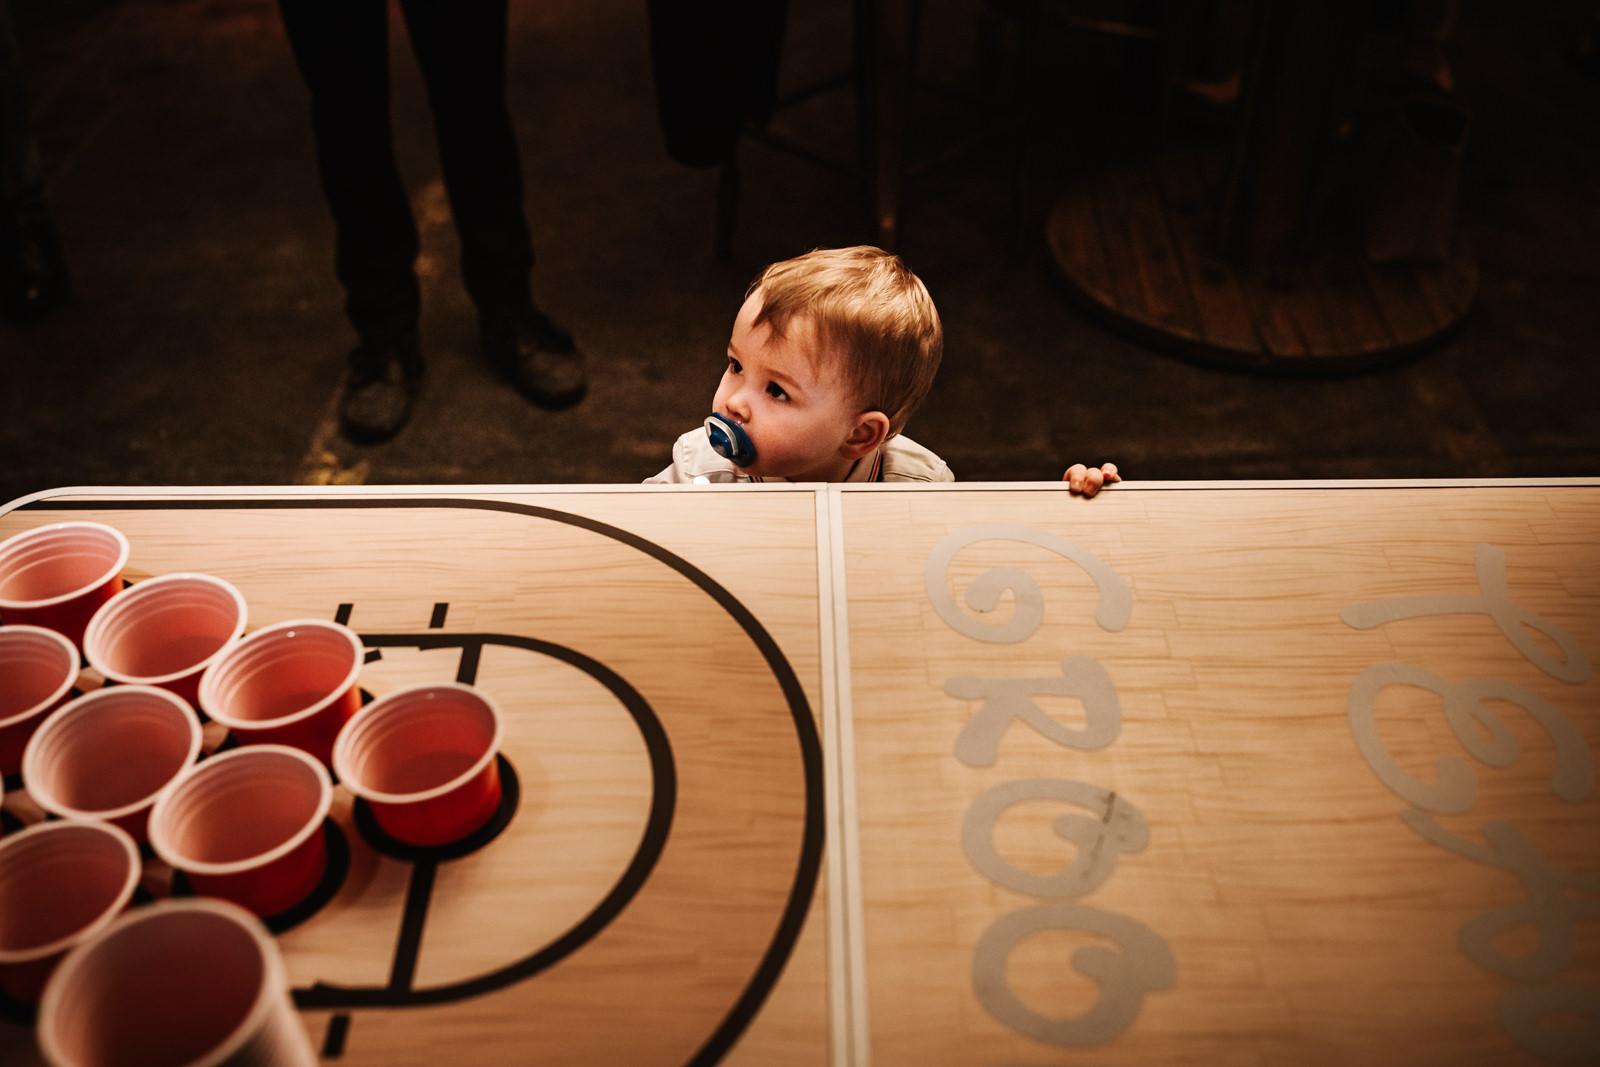 Little boy watching ber pong